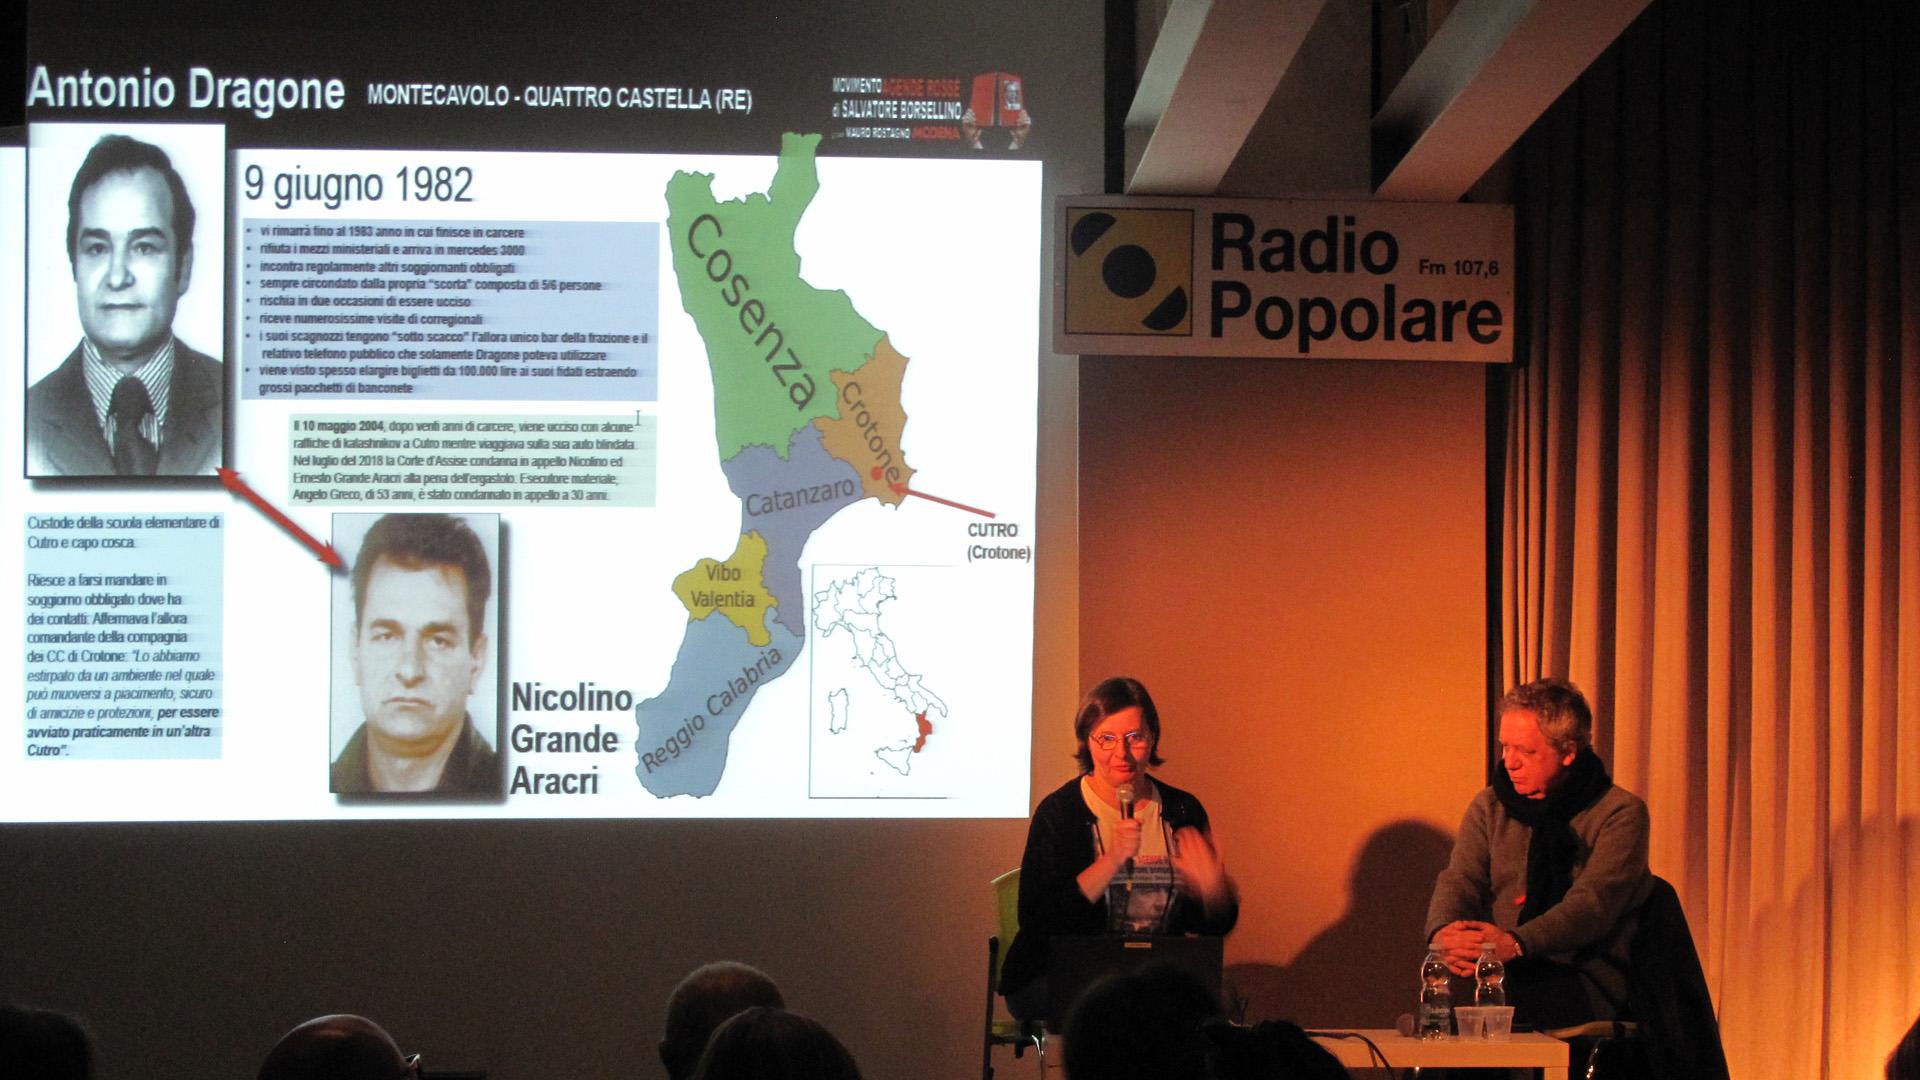 Le lezioni di antimafia di Radio Popolare, quarto appuntamento il 19 febbraio 2020: